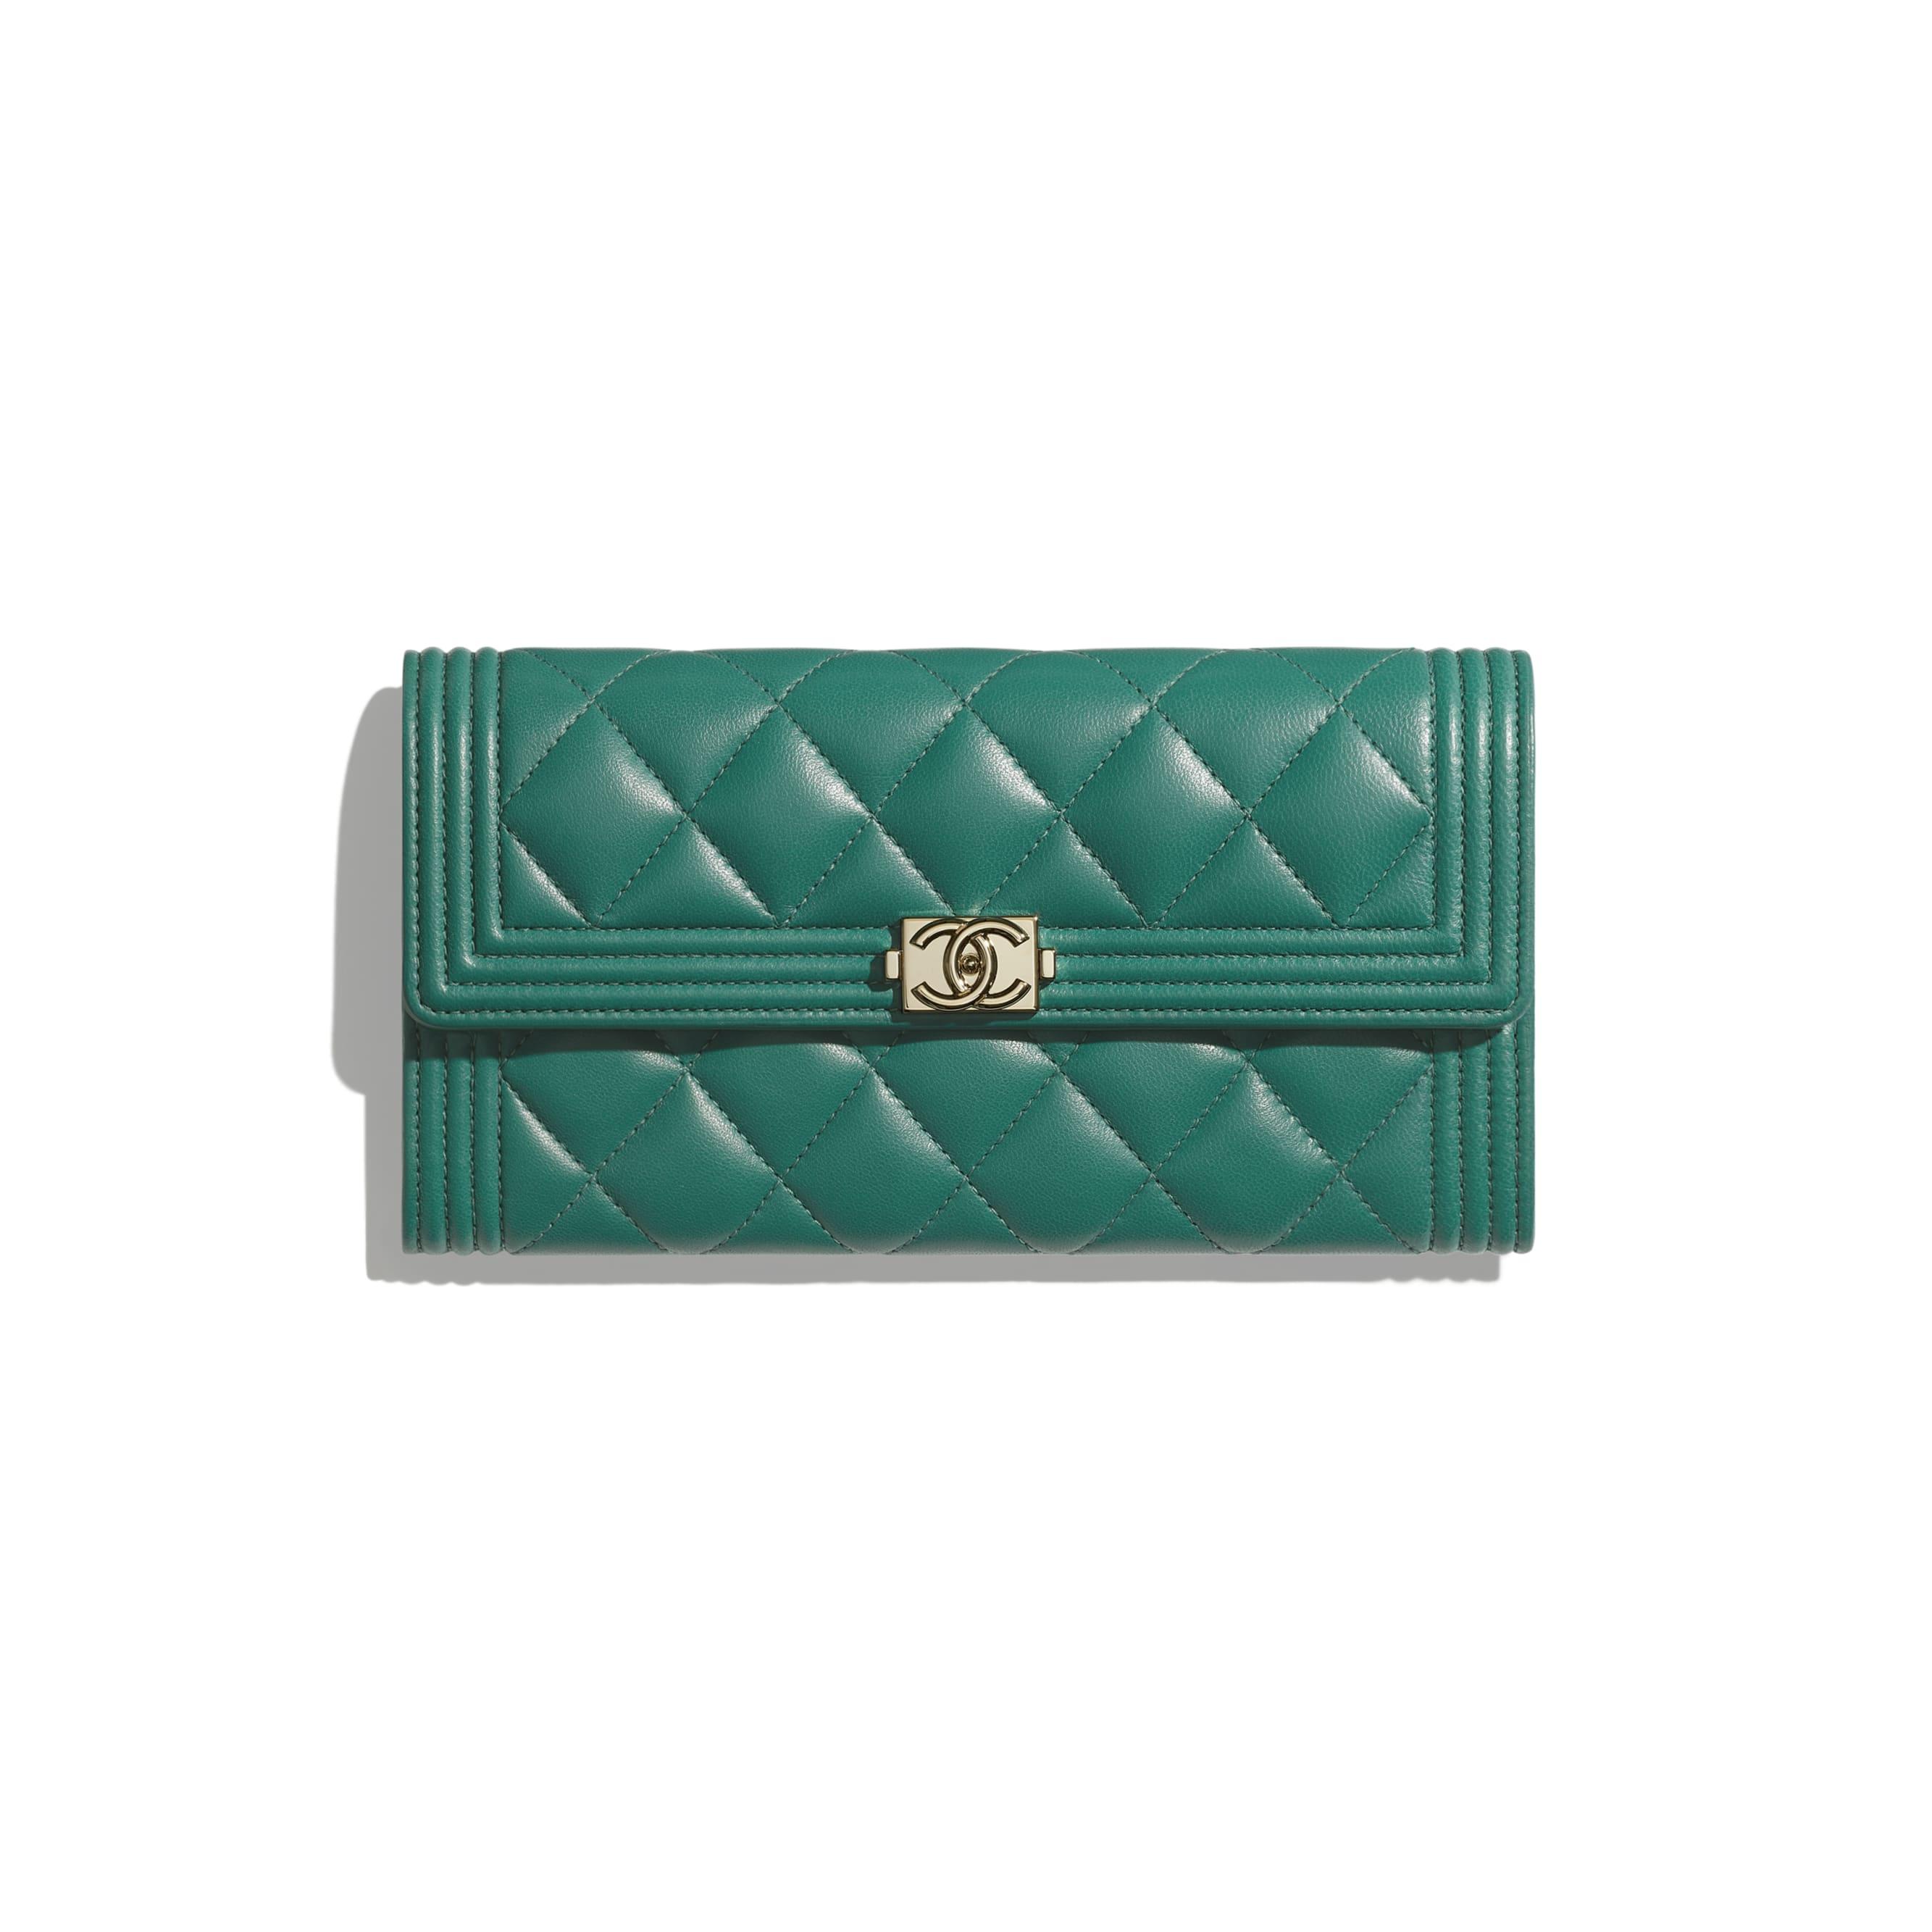 BOY CHANEL Long Flap Wallet - Green - Lambskin - Default view - see standard sized version